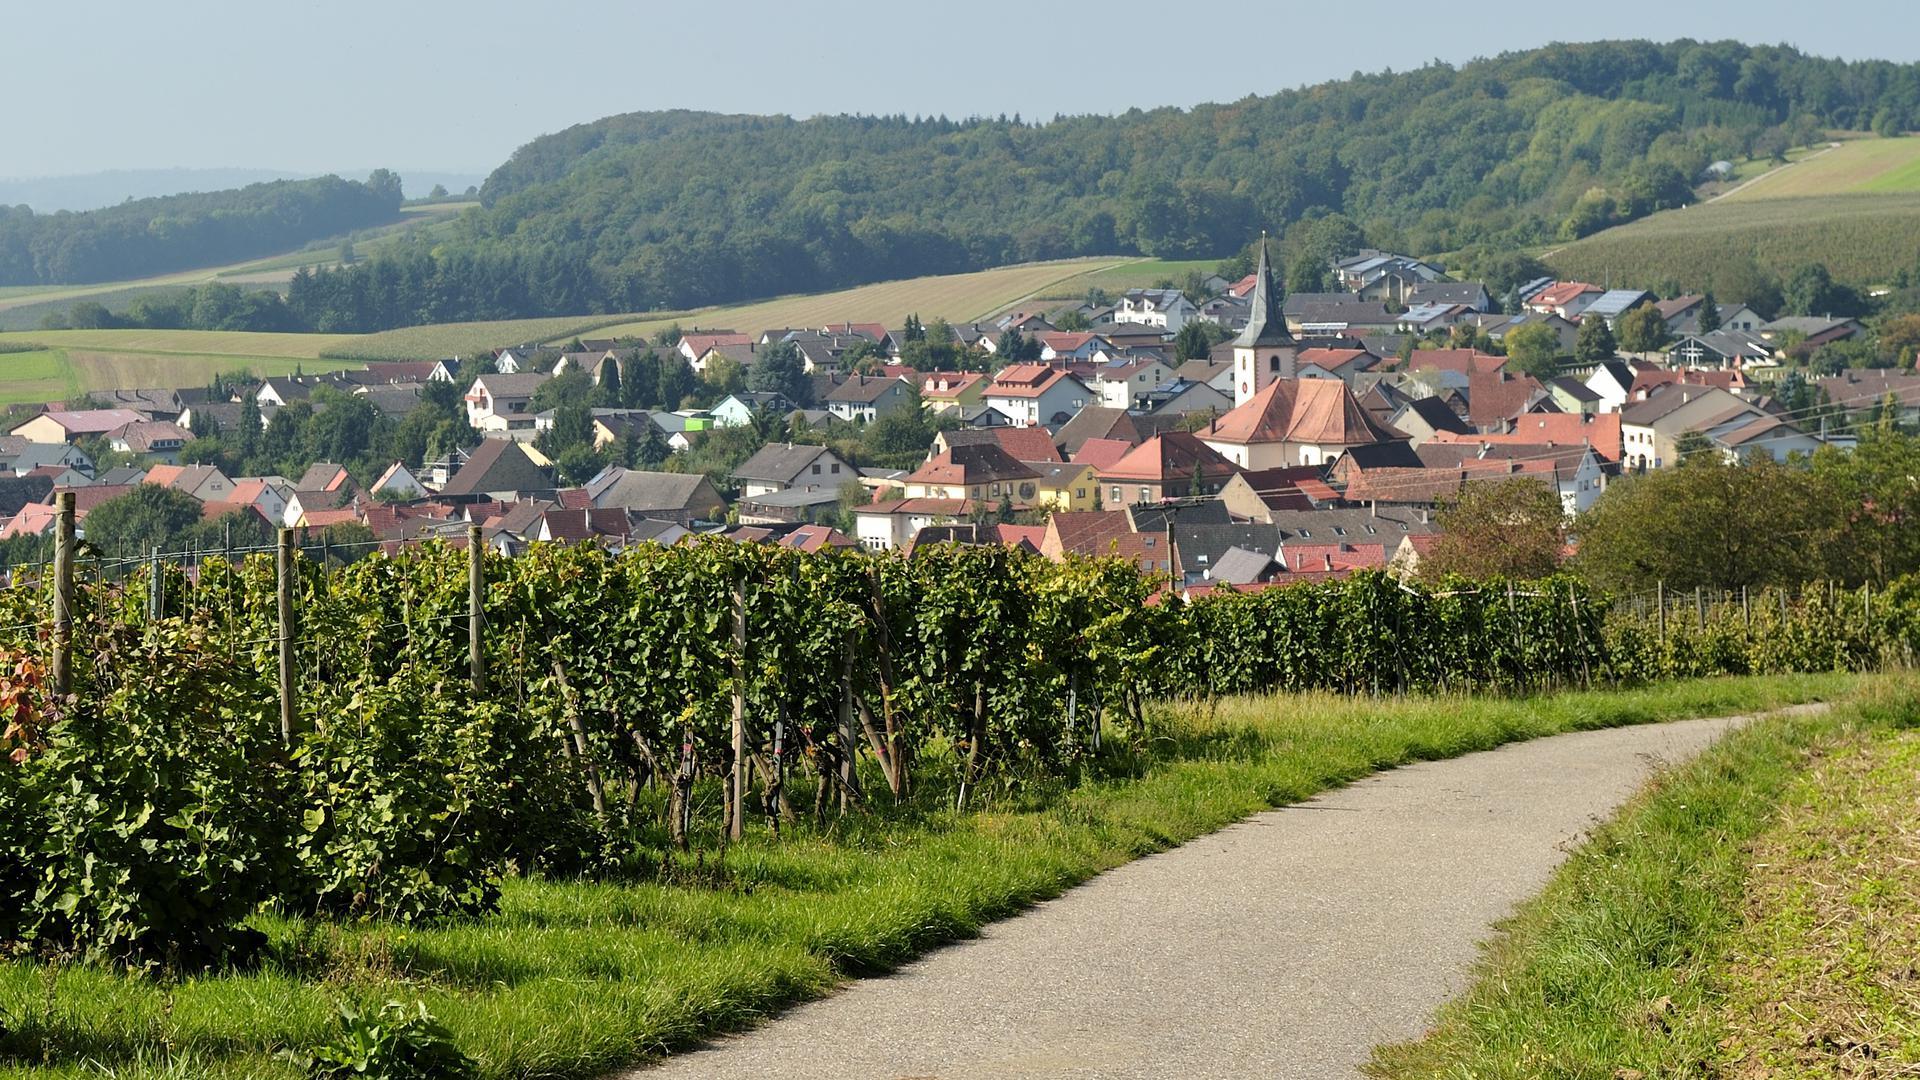 Ort in Kraichgaulandschaft